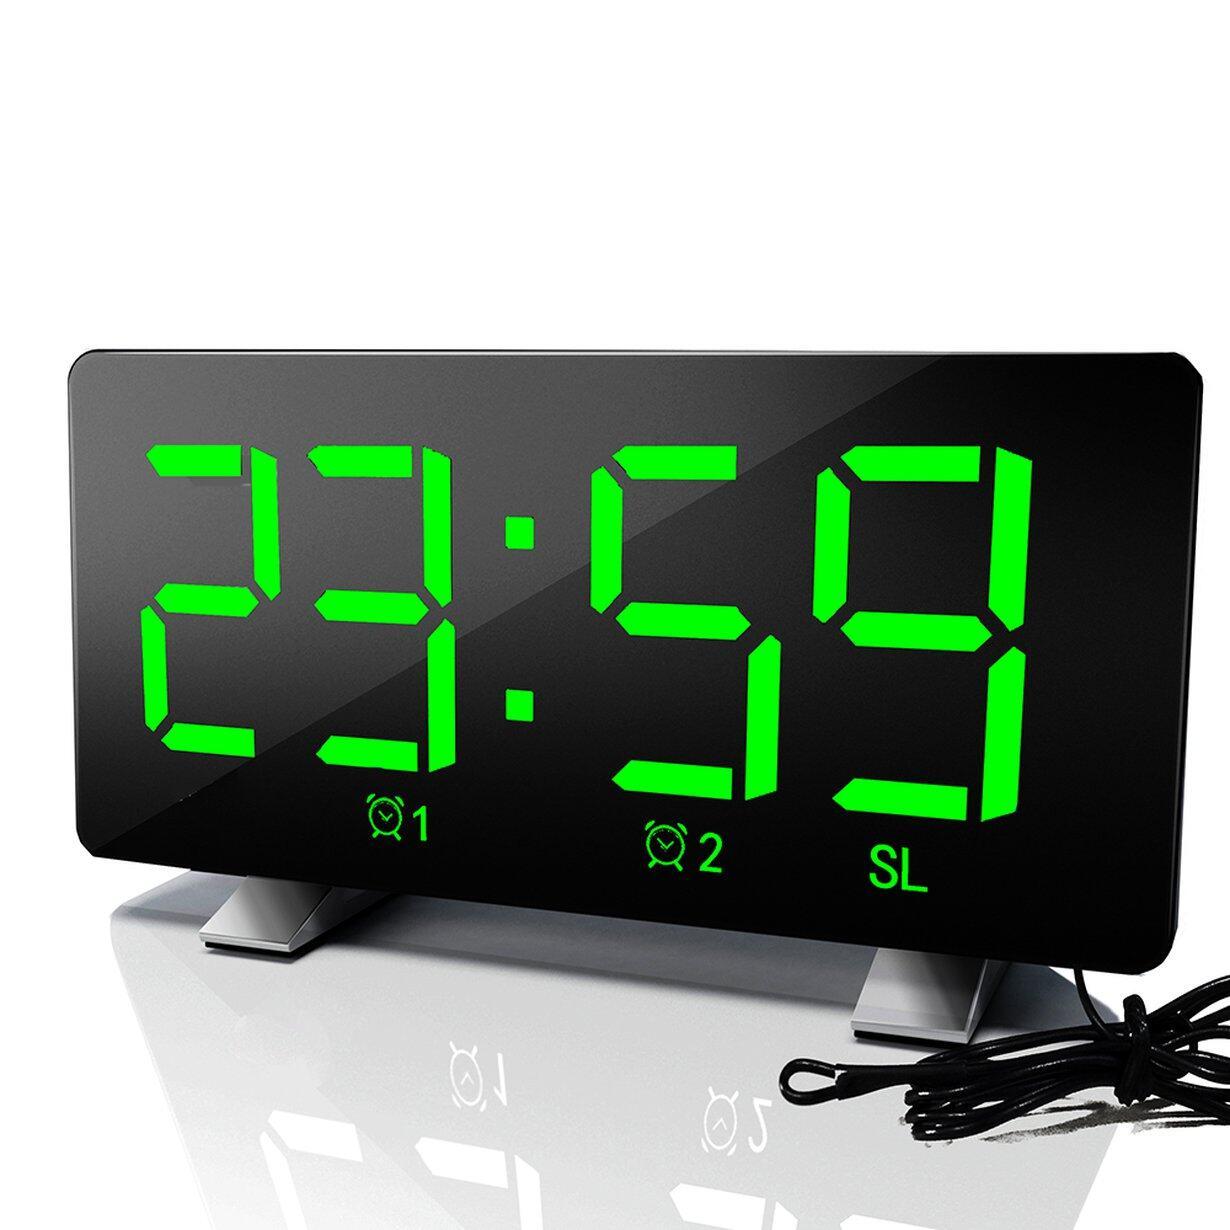 Nơi bán Top Bán LED Đài Phát Thanh Đồng Hồ Báo Thức Phòng Ngủ Sáng Tạo Báo Lại USB Sạc Đồng Hồ Kỹ Thuật Số